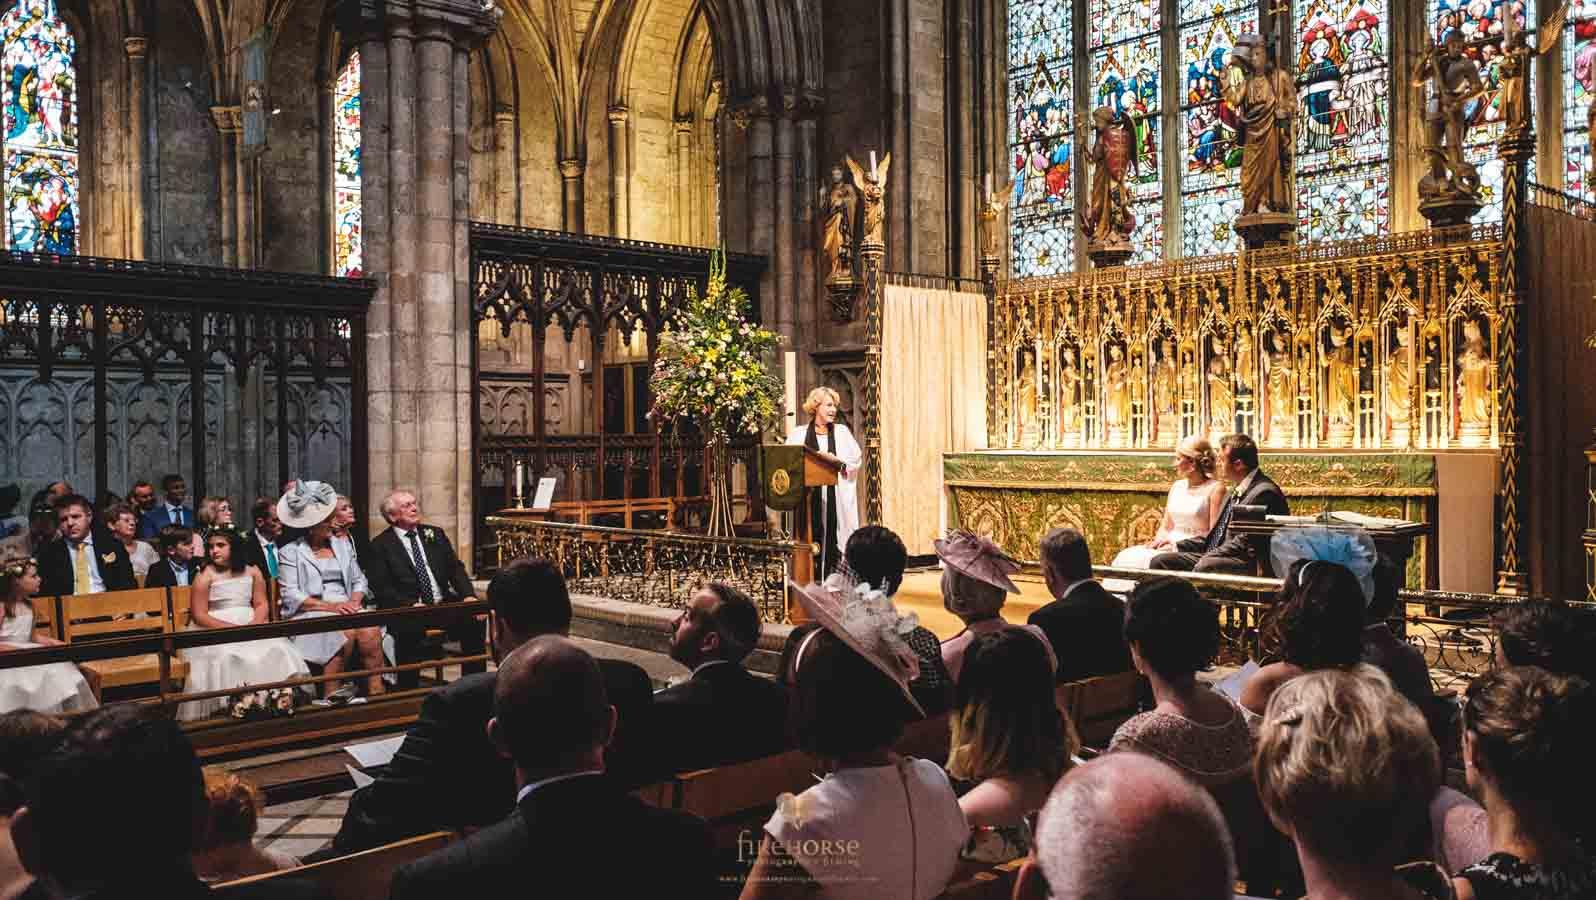 ripon-cathedral-wedding-046